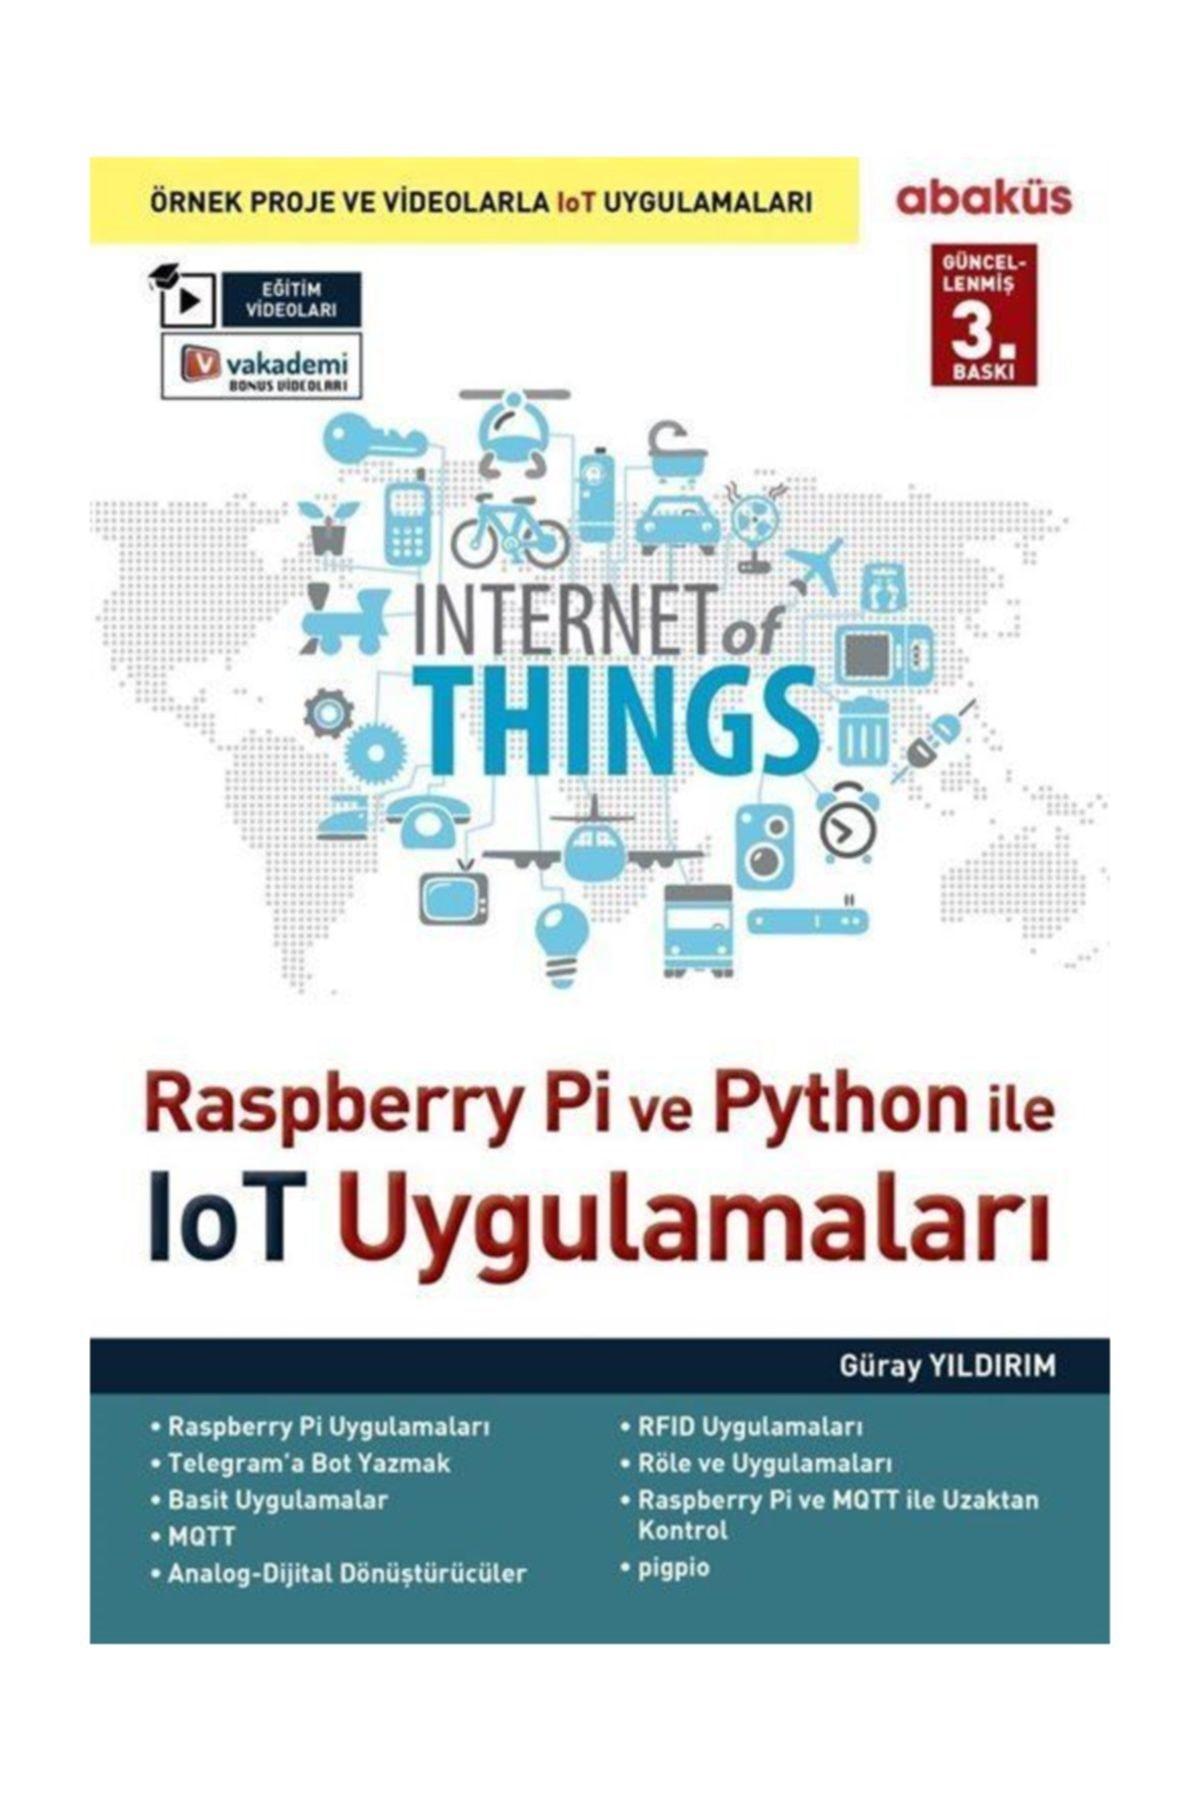 Raspberry Pİ ve Python ile İOT Uygulamaları - Güray Yıldırım